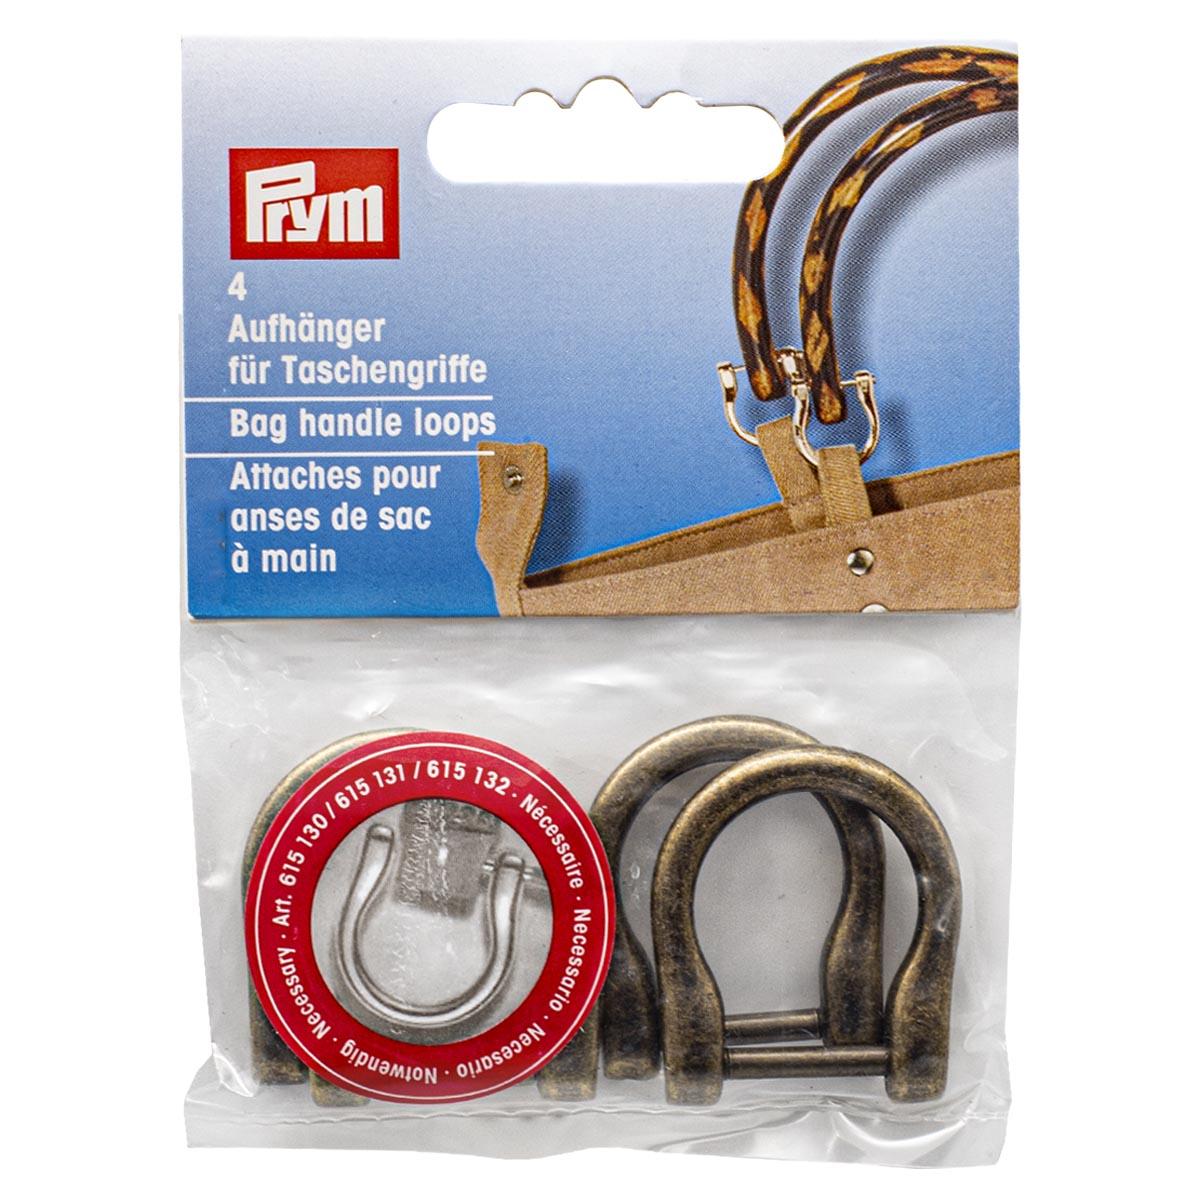 615132 Кольца для ручек сумки, медный, 1,8 см, упак./4 шт., Prym